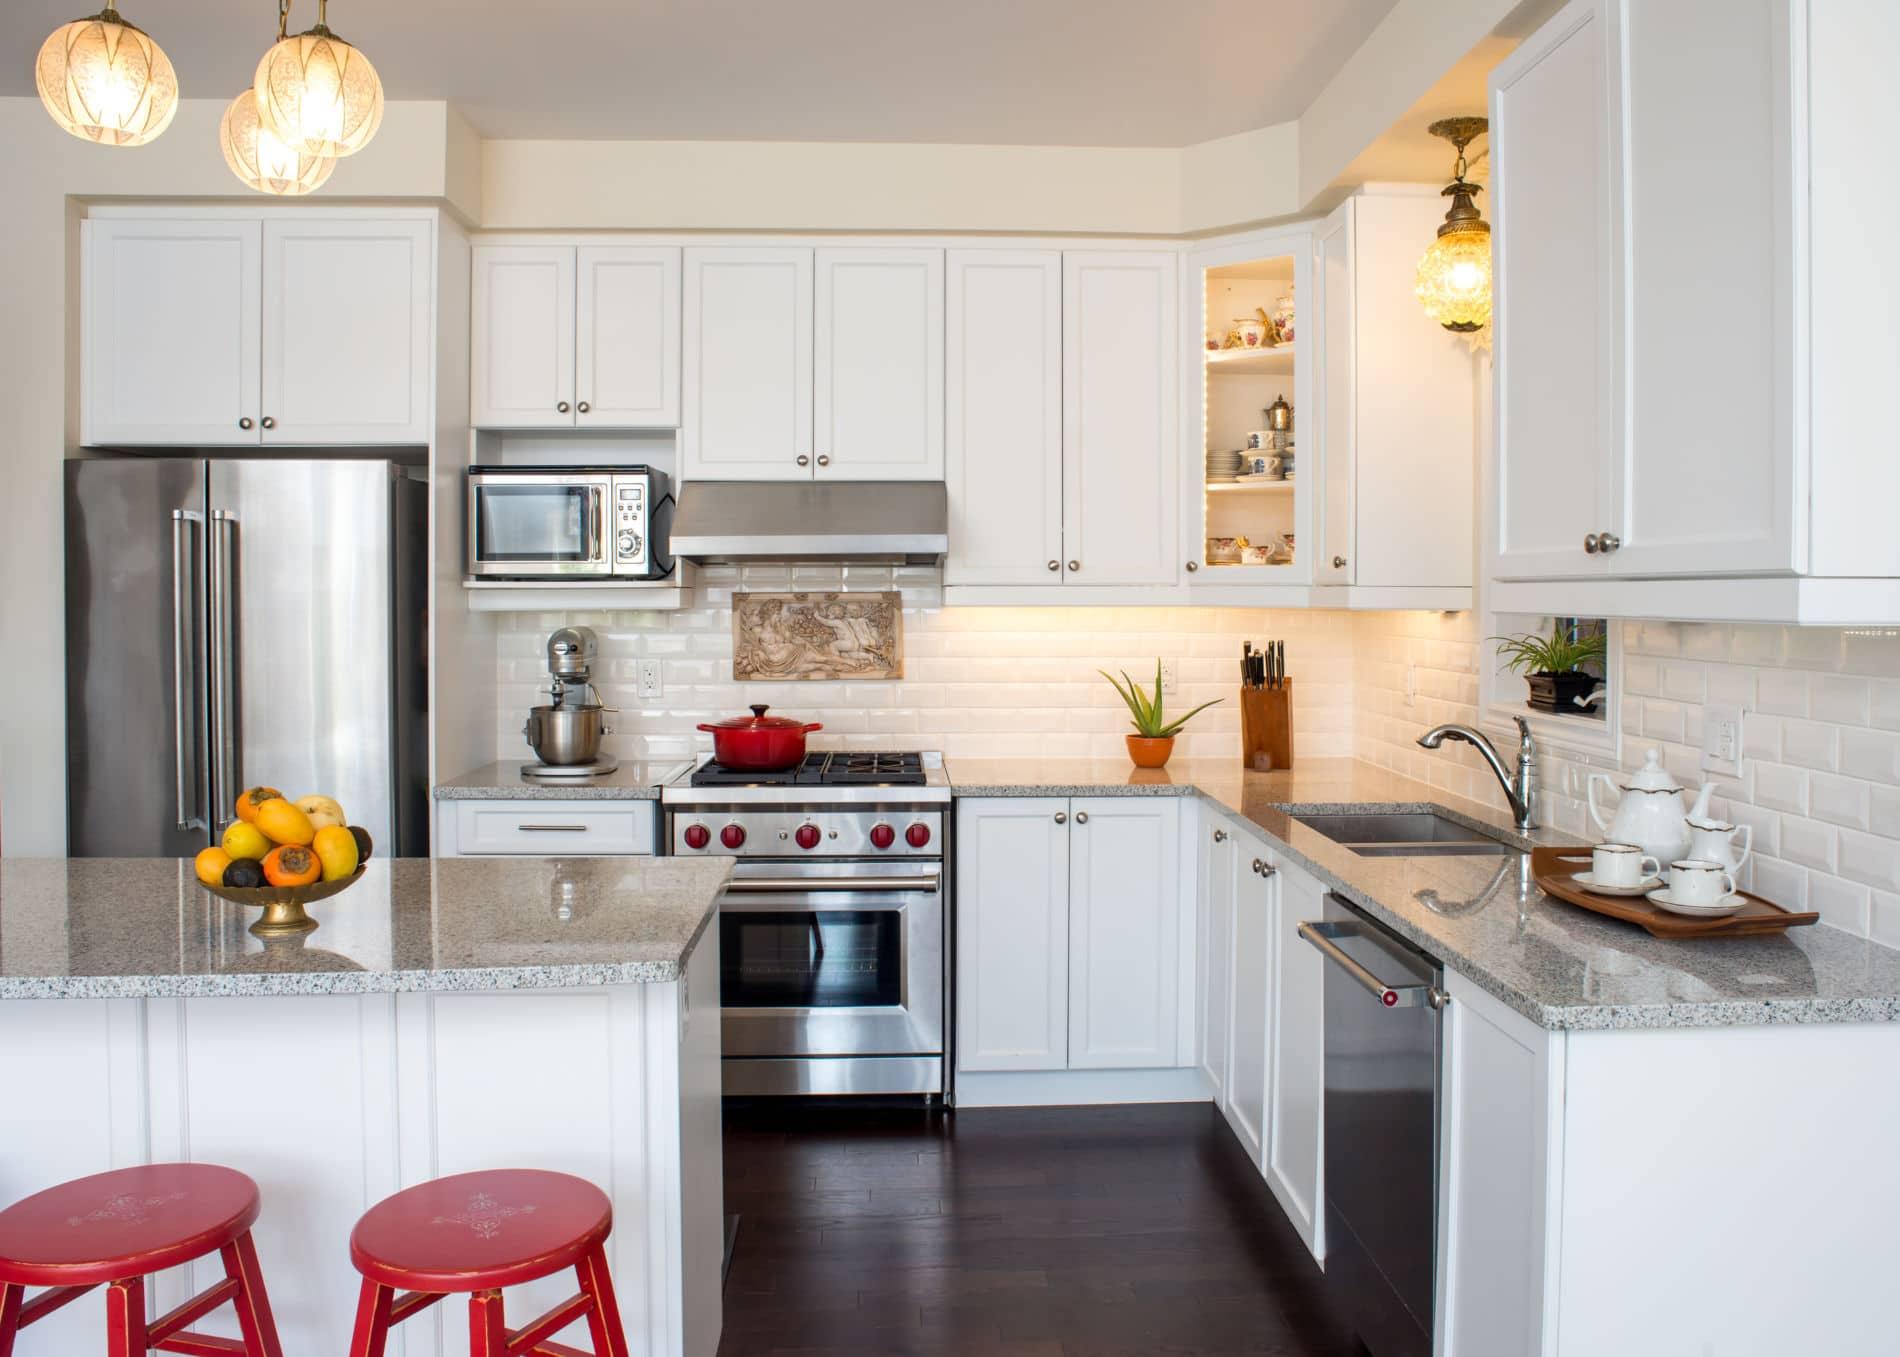 דגם סימפל קלאסיק ווד מטבח באיכות גבוהה